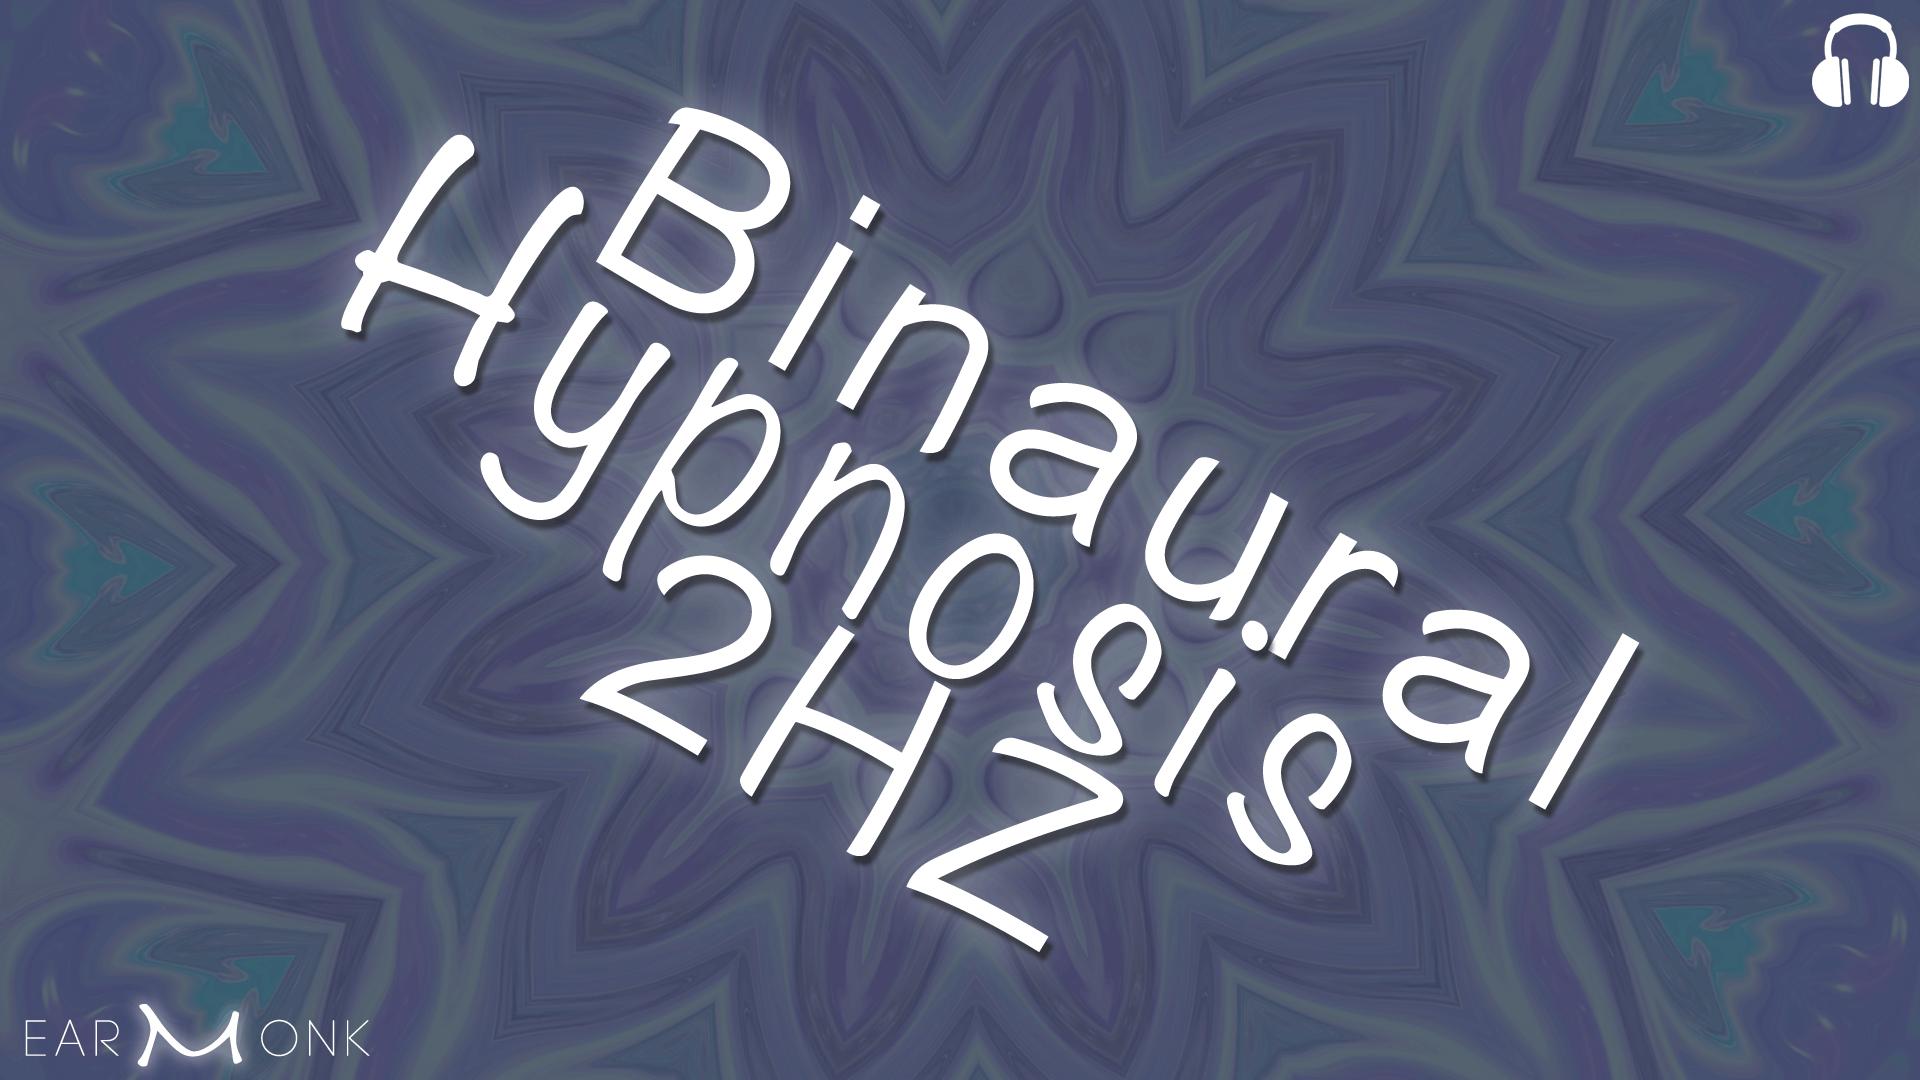 Binaural Hypnosis 2Hz Delta Waves